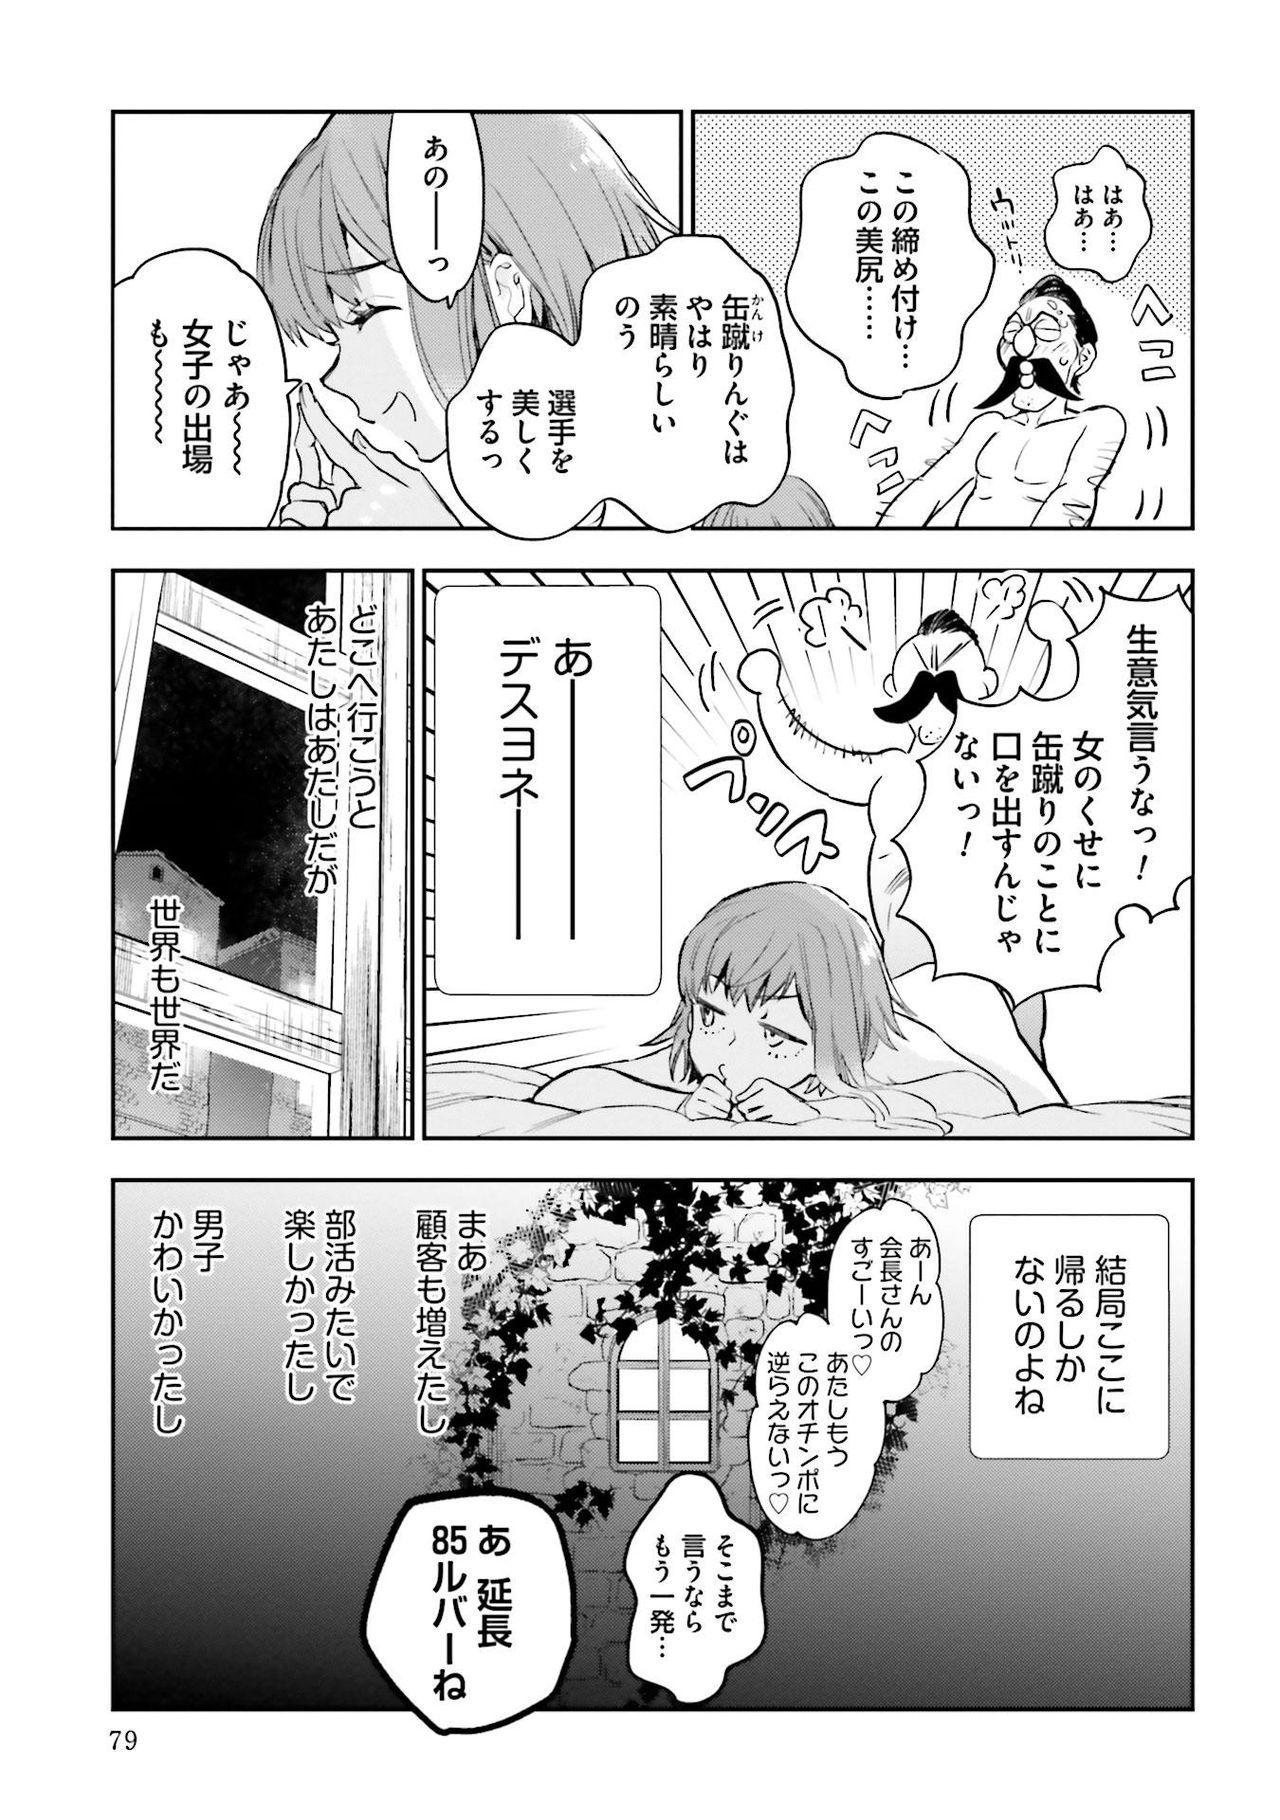 JK Haru wa Isekai de Shoufu ni Natta 1-14 438